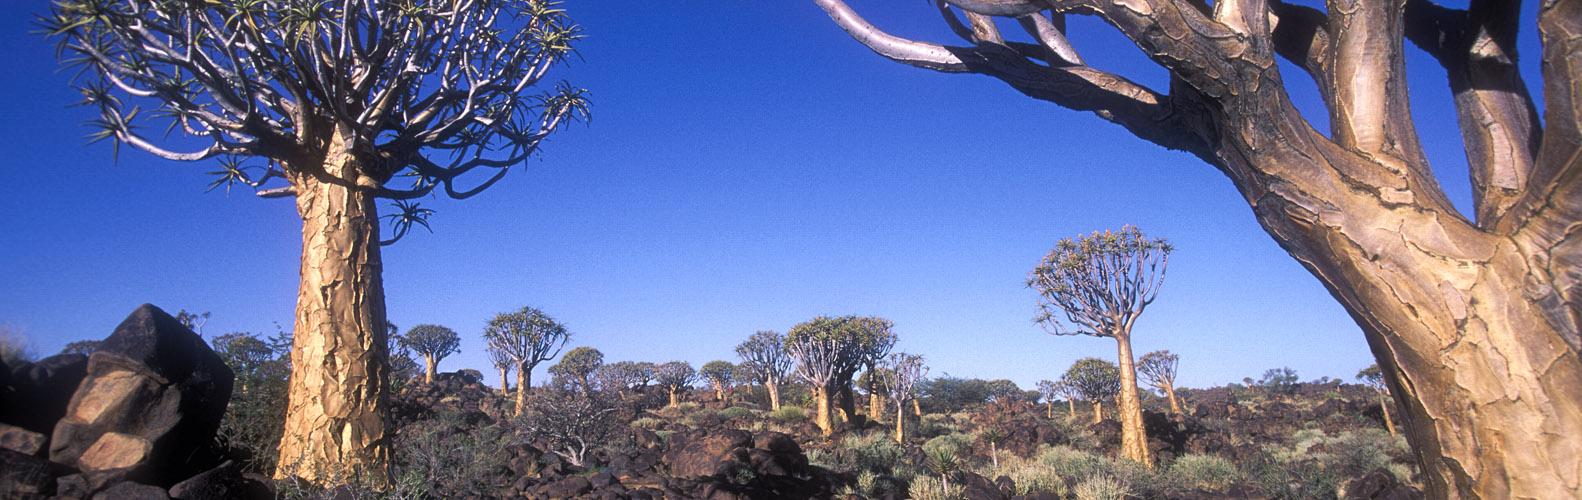 landscape035p